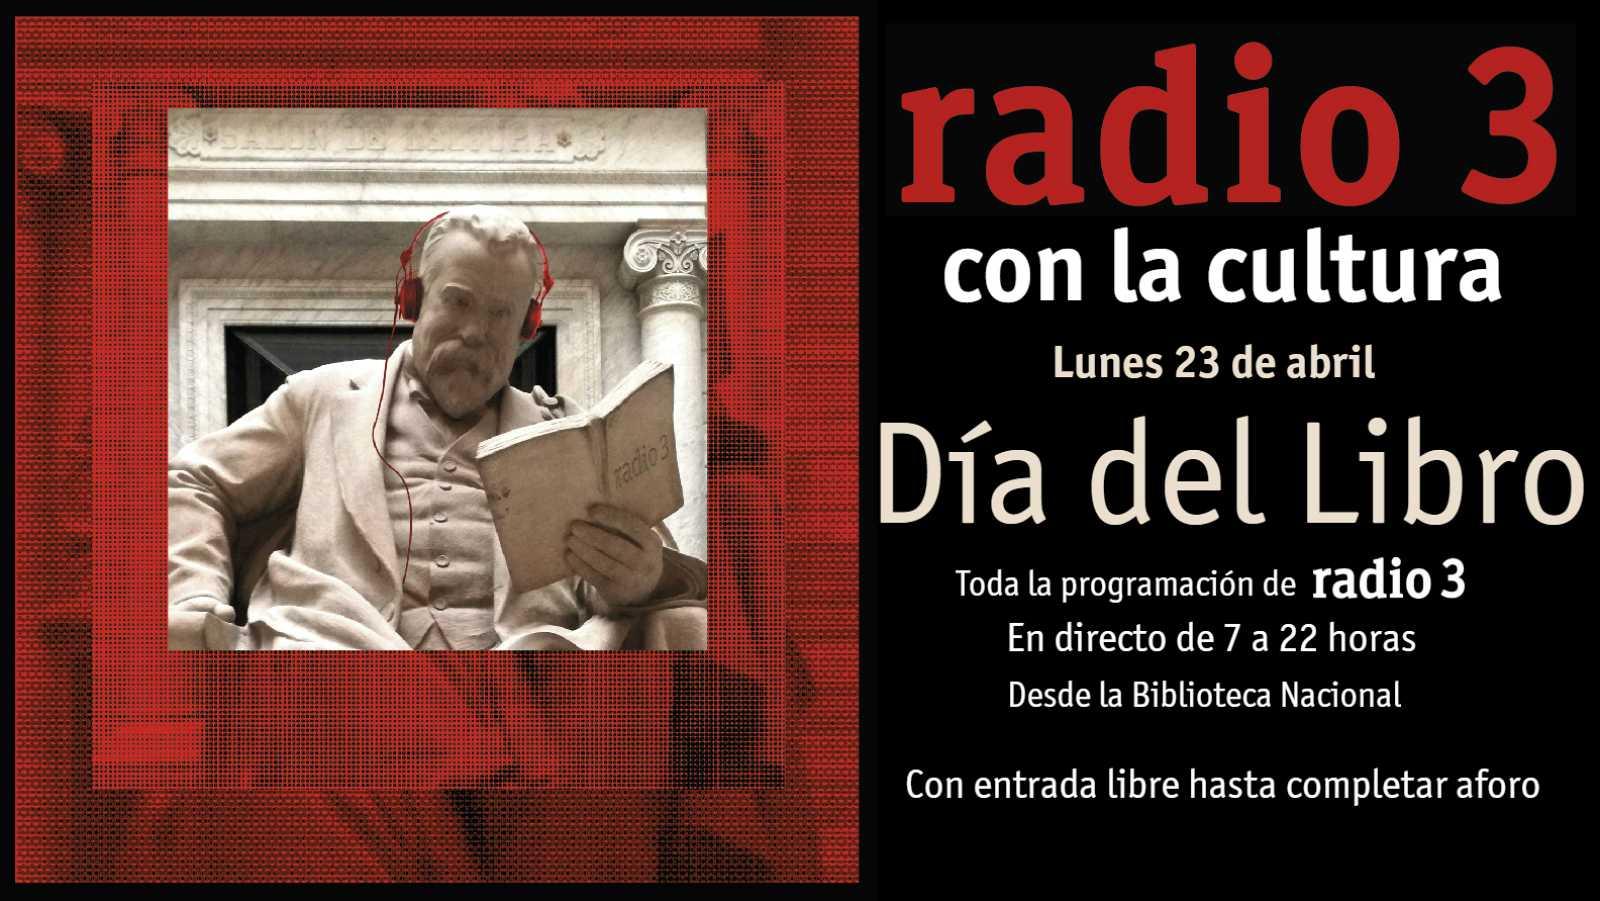 El 23 de abril trasladamos nuestra programación en directo a la Biblioteca Nacional